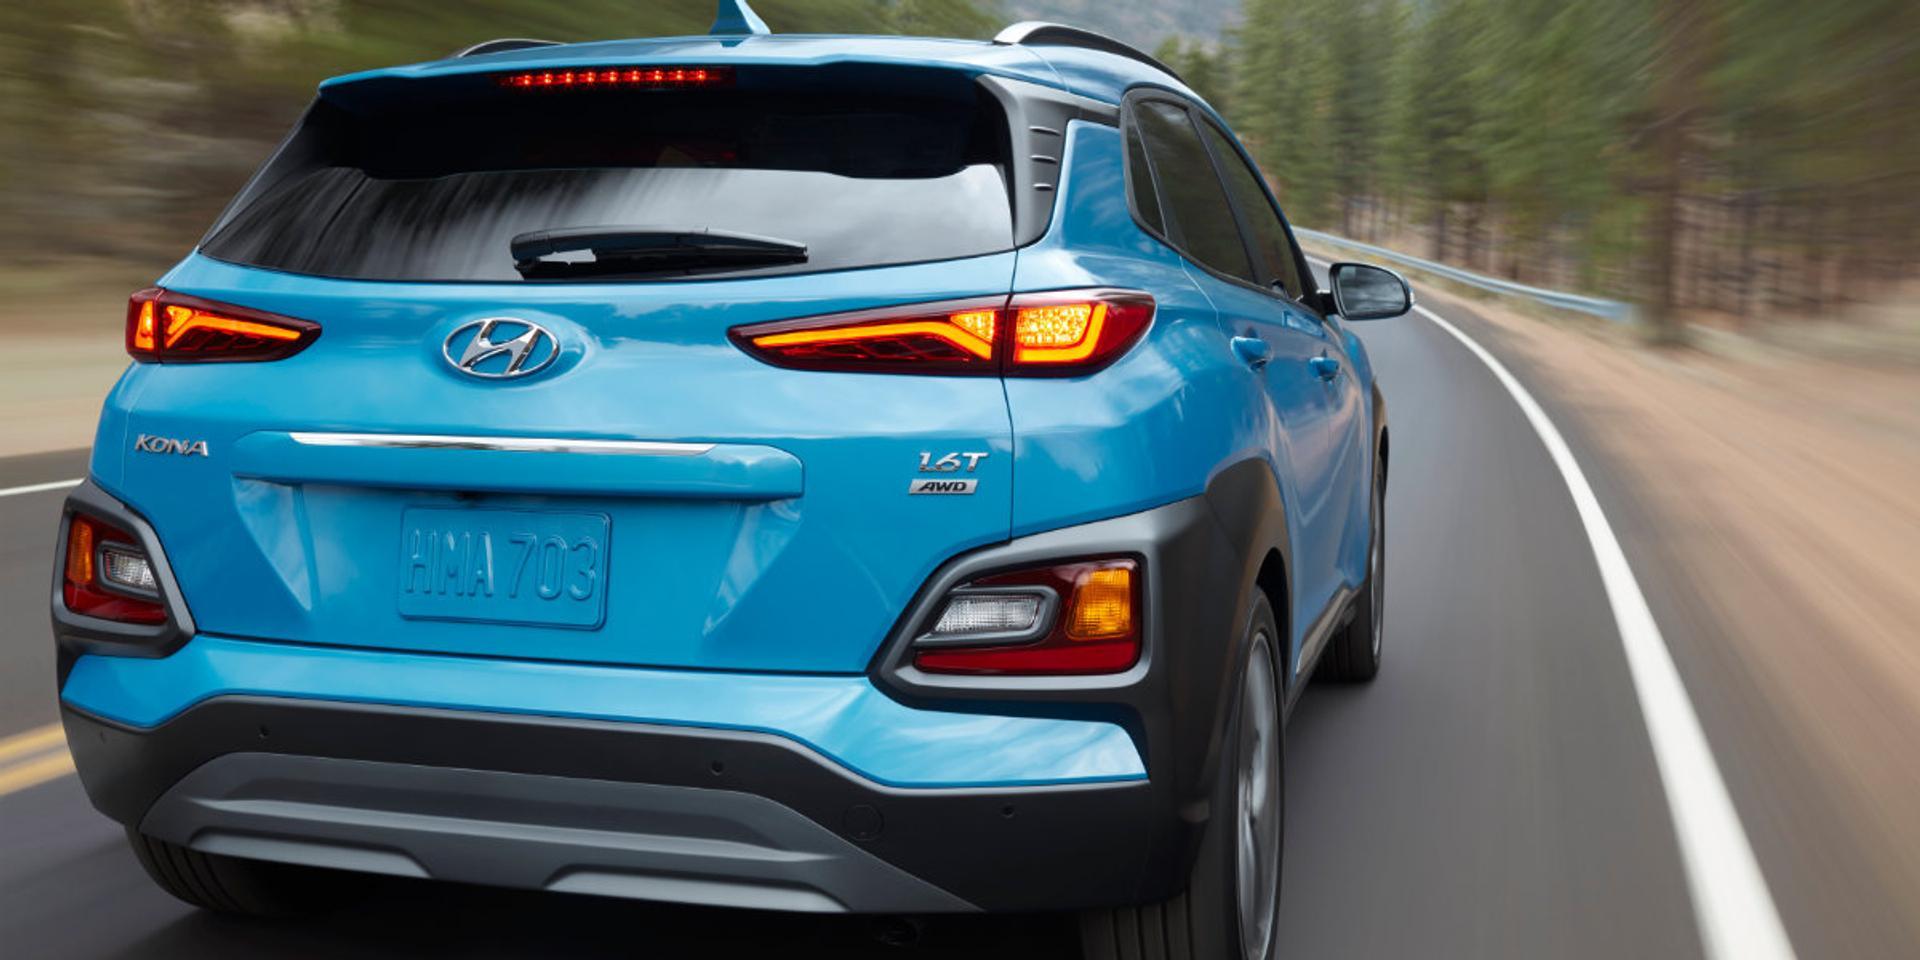 Hyundai Kona rear view